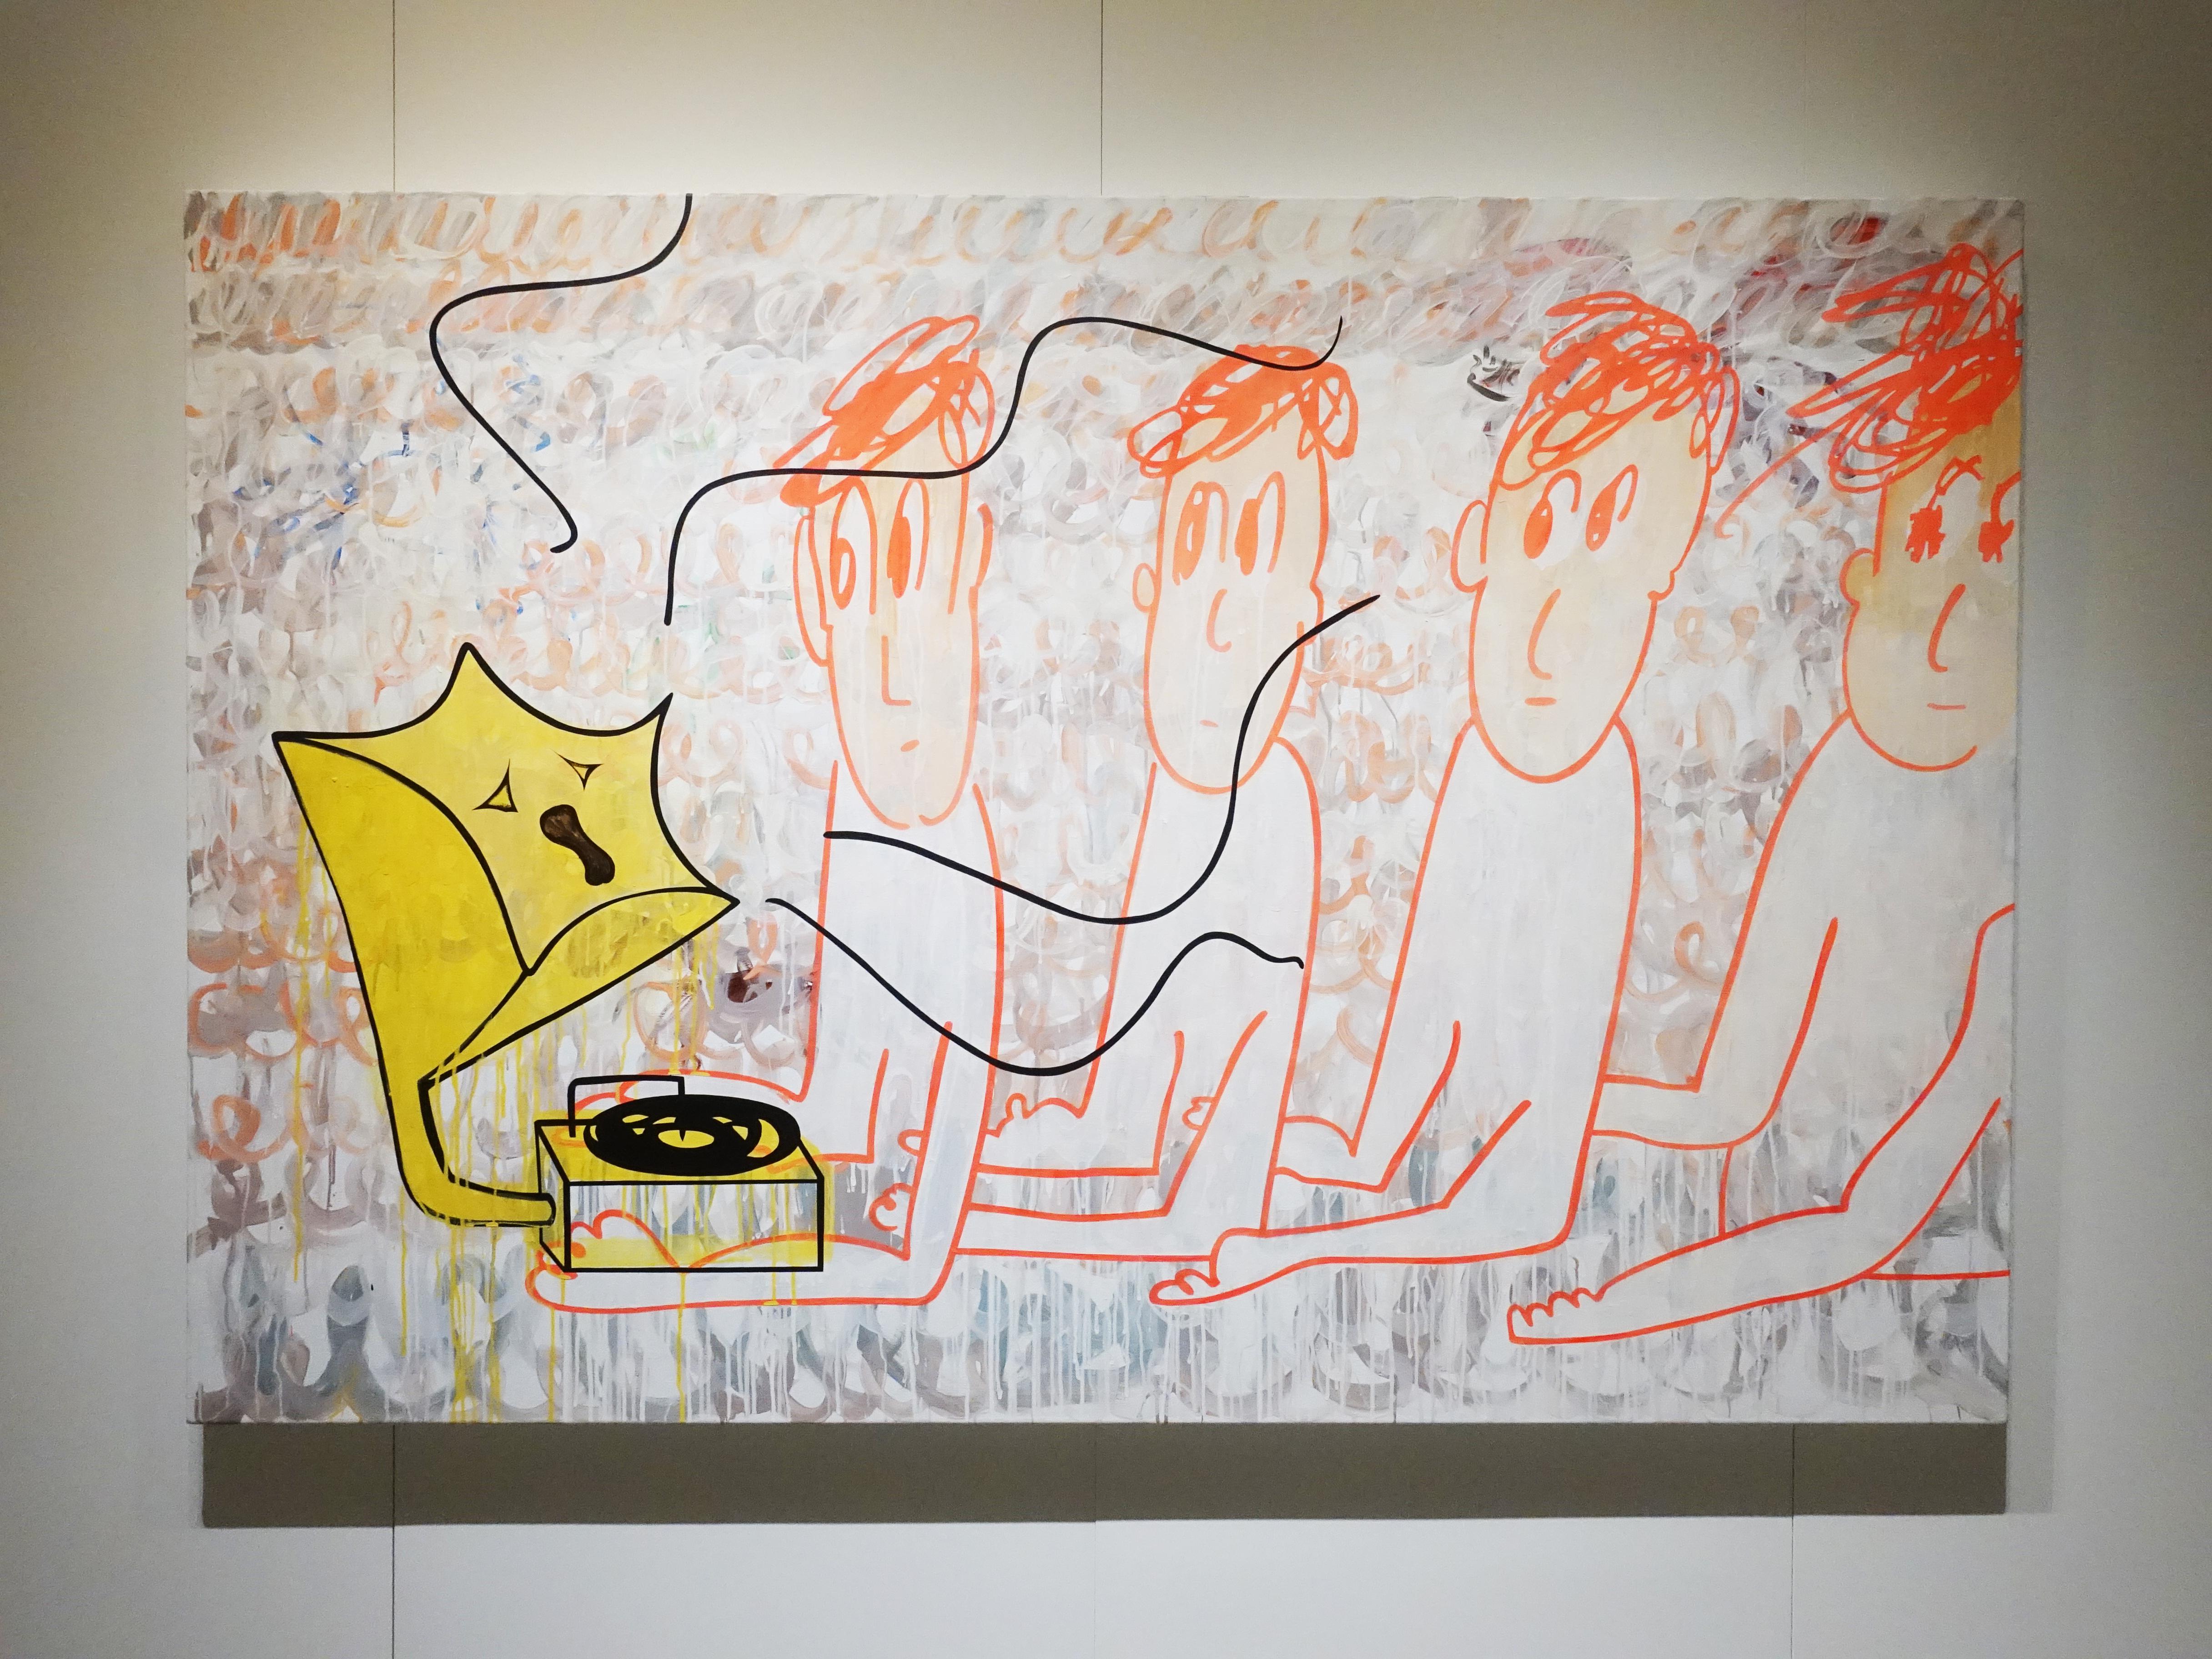 蕭筑方,《你說你想要逃》,130 x 194 cm,壓克力顏料、畫布,2019。